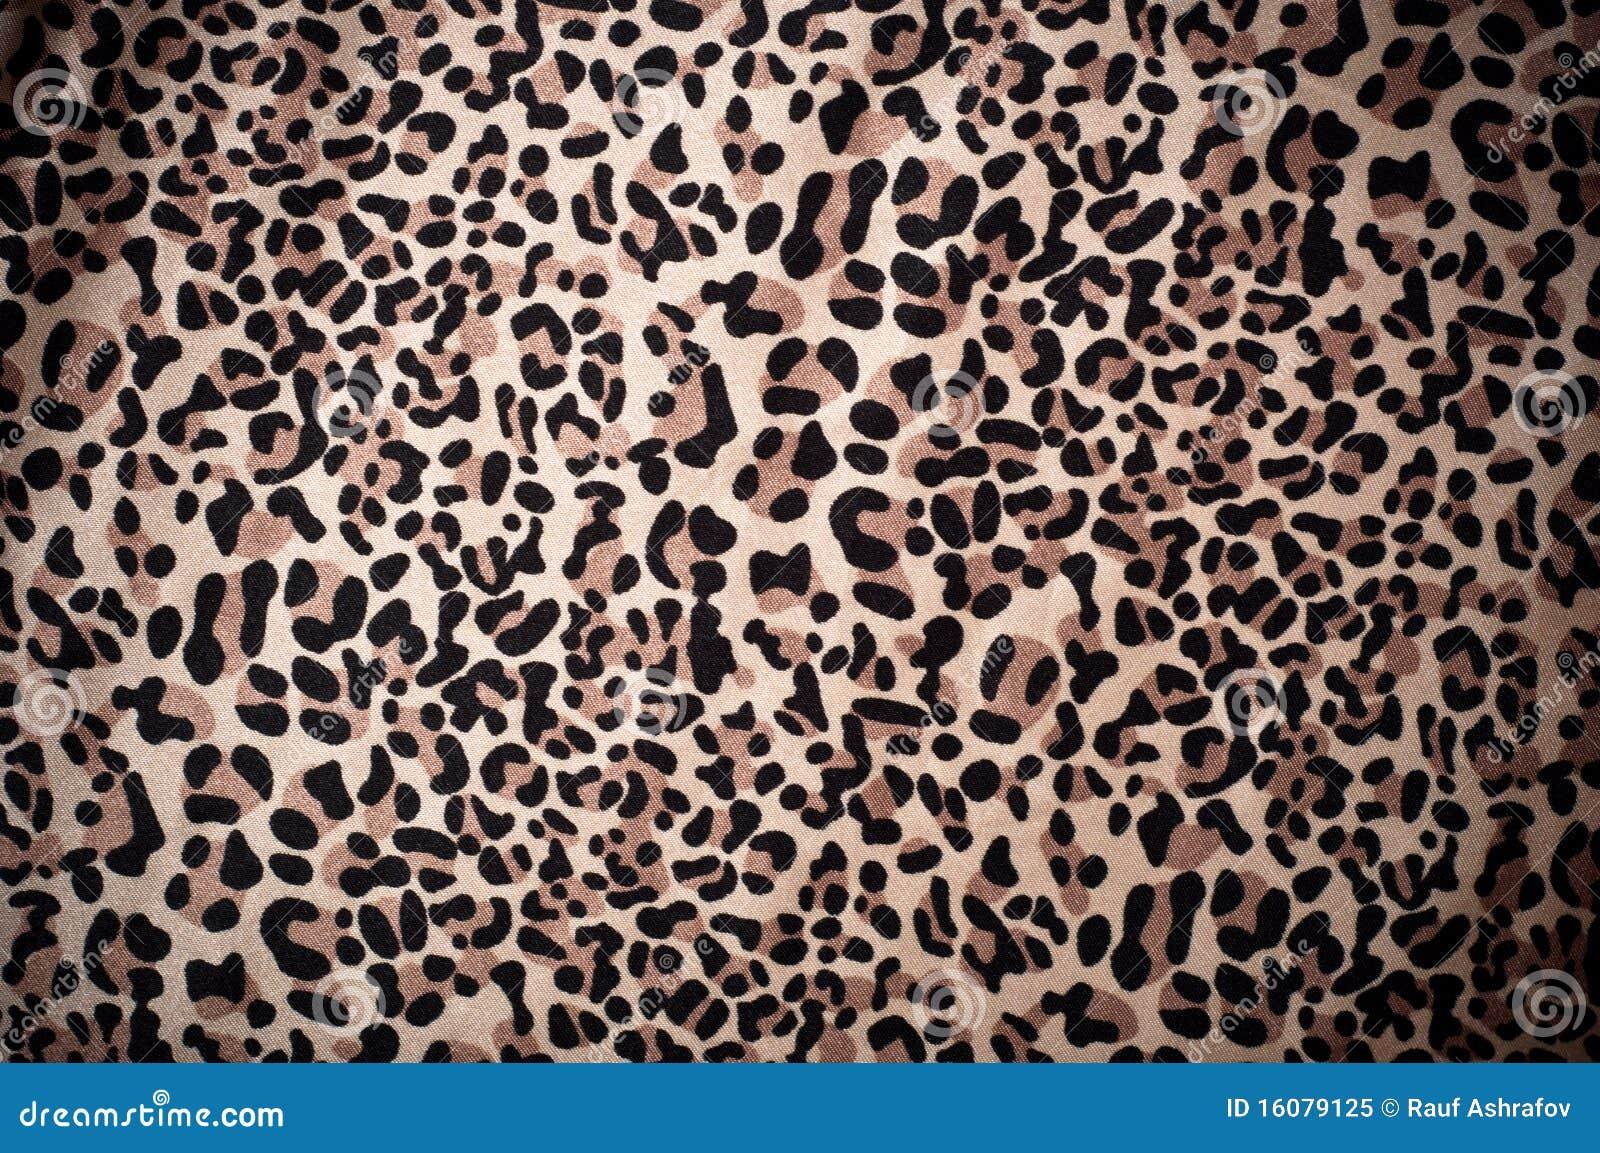 papier peint texturis de peau d corative de l opard photo libre de droits image 16079125. Black Bedroom Furniture Sets. Home Design Ideas